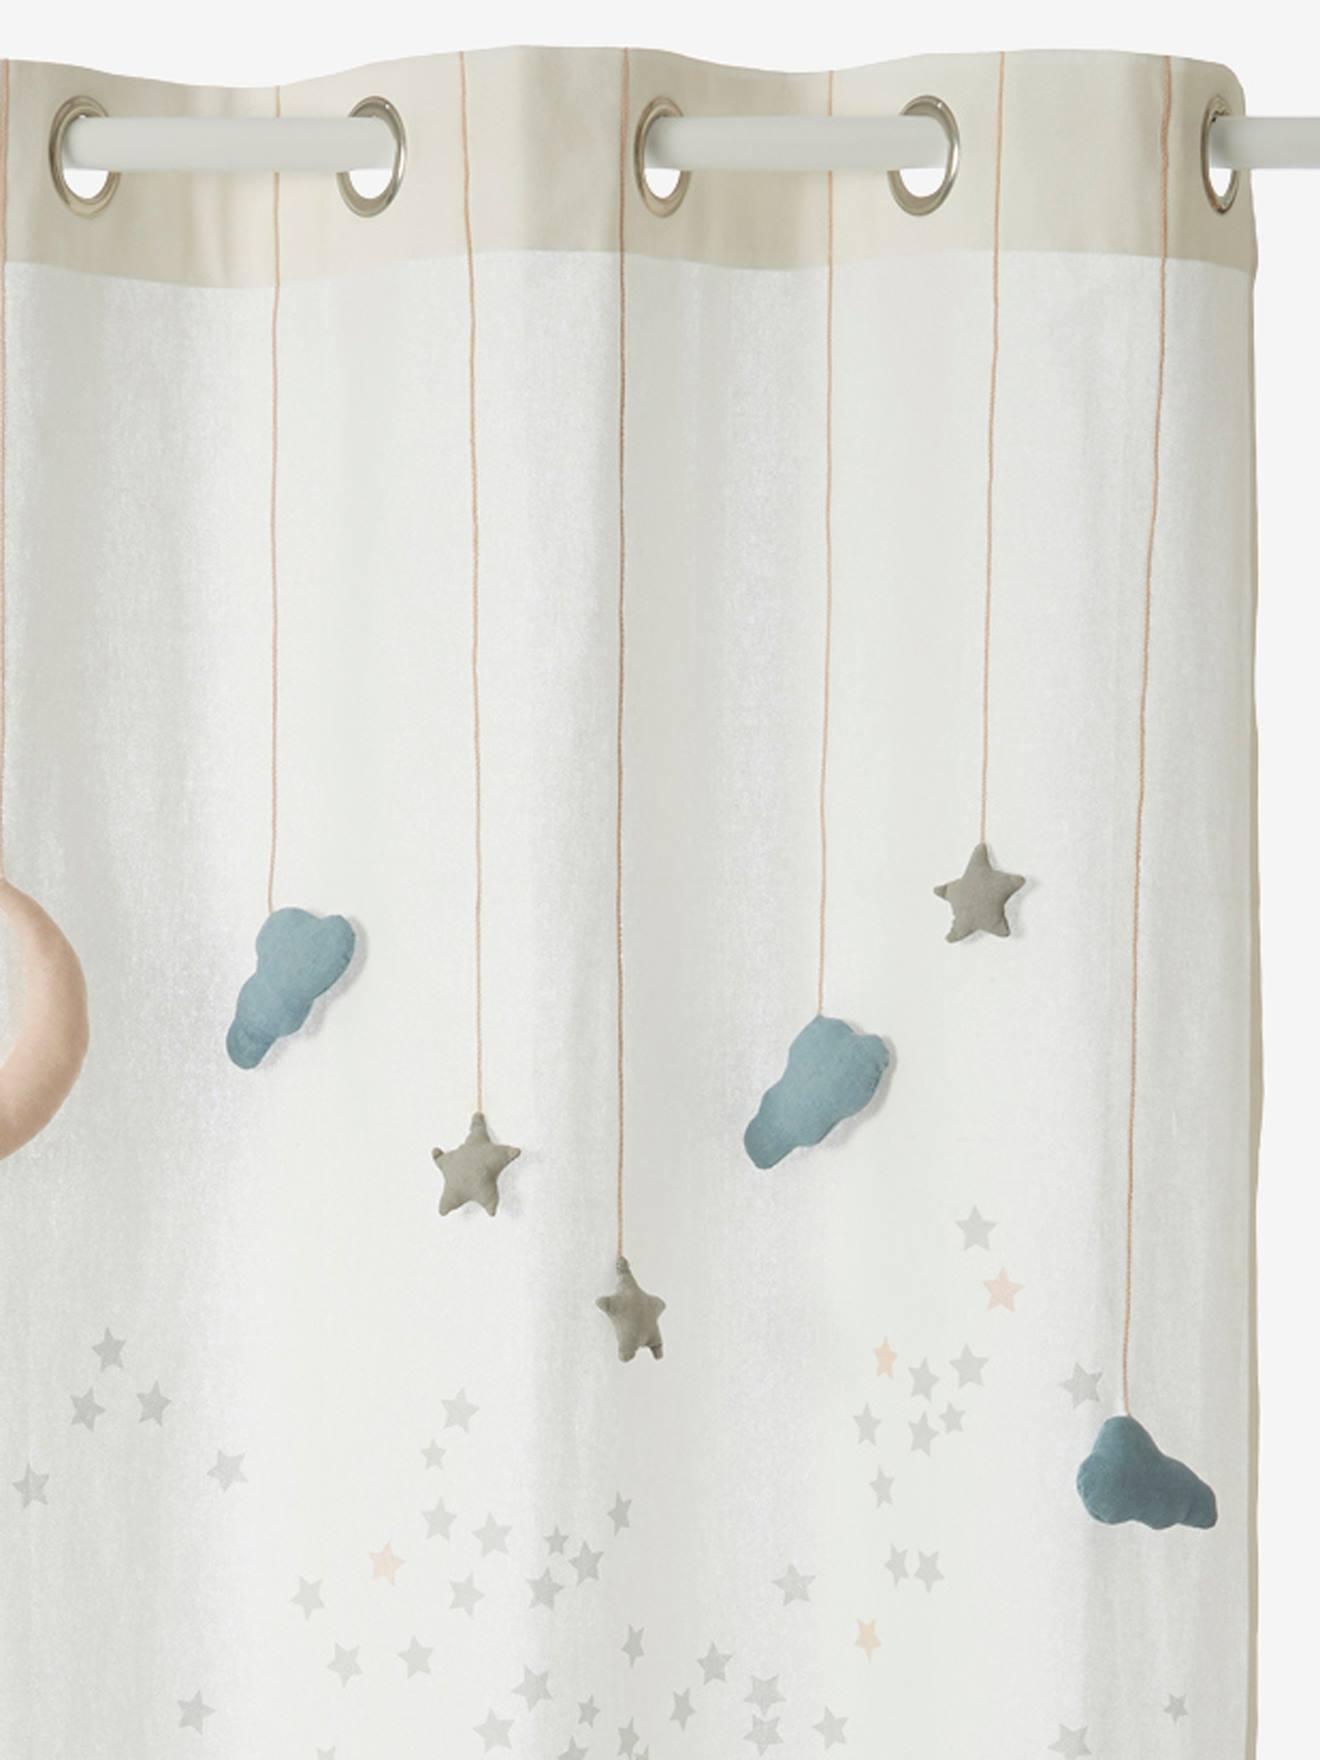 Merveilleux Rangement Et Décoration Décoration Rideau Rideau Tamisant Comme Une étoile